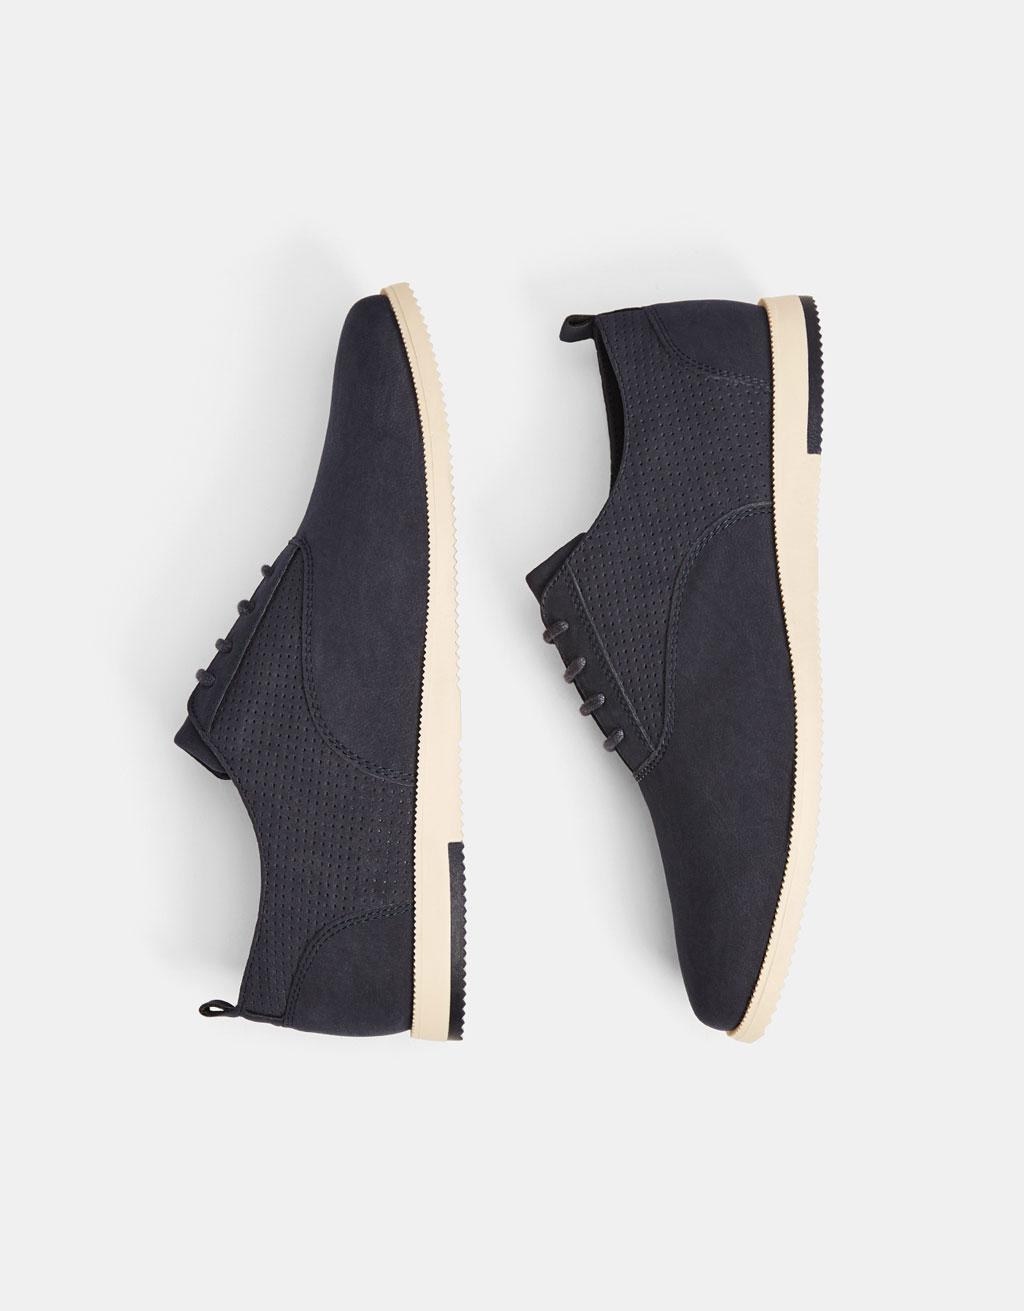 Sapatos elegantes brogue